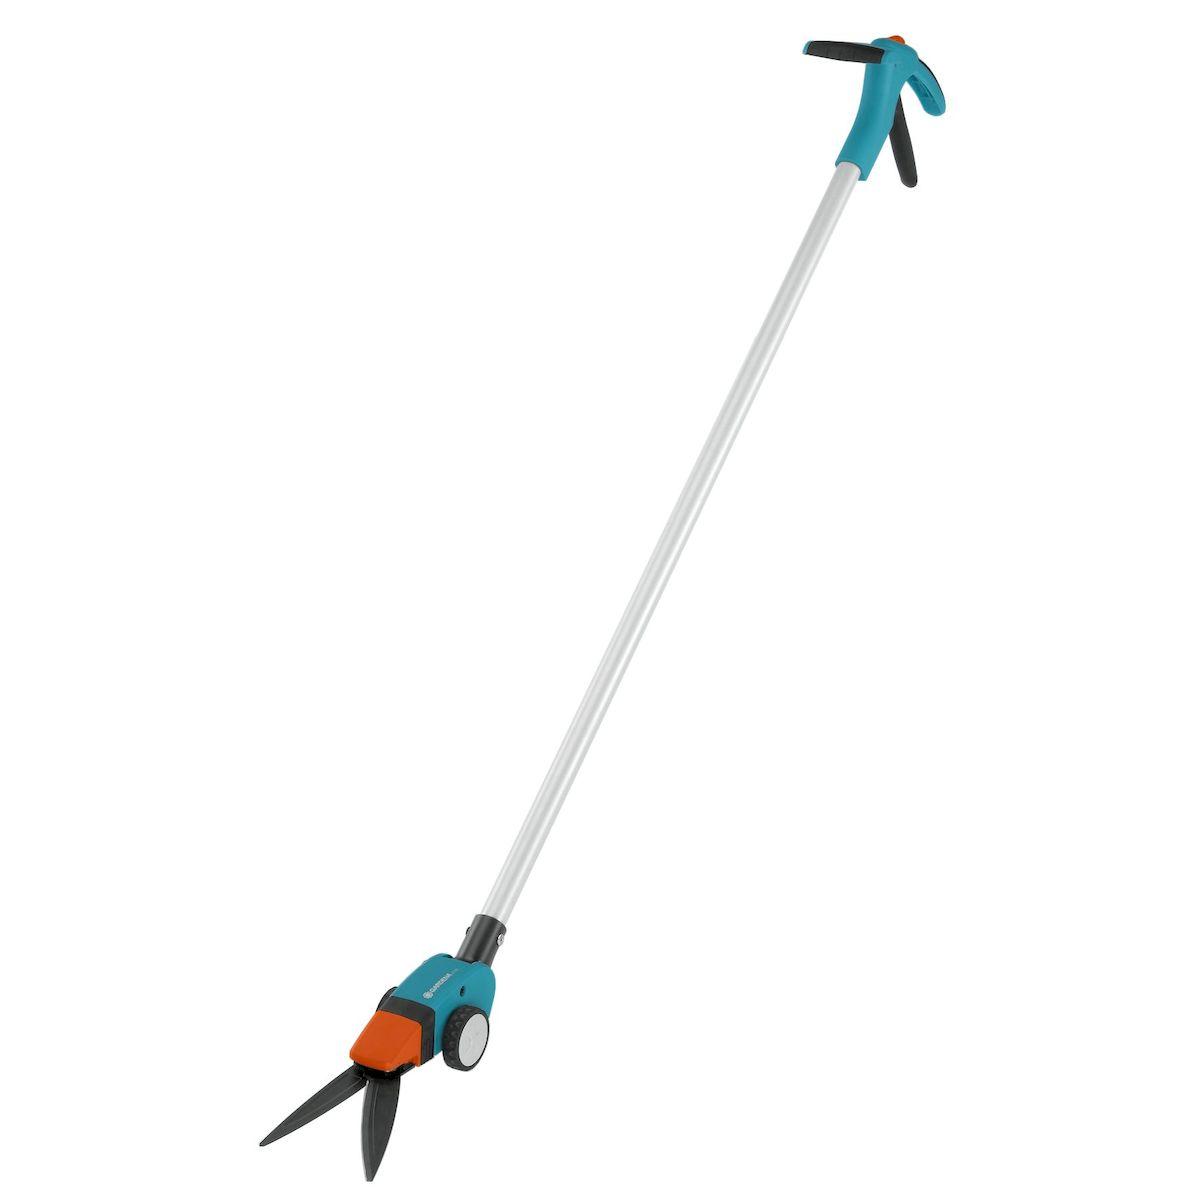 Ножницы для травы Gardena Comfort, поворотные08740-20.000.00Поворотные ножницы для травы Gardena Comfort с длинной рукояткой позволяют легко и точно подстригать кромки газонов из положения стоя, без нагрузки на позвоночник. Для облегчения управления и удобства ведения ножницы снабжены большими колесами. Угол наклона рукоятки регулируется, так что ее можно настроить в соответствии с ростом пользователя, обеспечив максимальную эргономичность. Удобная форма рукоятки гарантирует комфортную работу без необходимости наклоняться. Равномерность и точность стрижки достигается благодаря волнообразным лезвиям ножниц с покрытием от налипания. Лезвия поворачиваются в обе стороны до 90°, что обеспечивает свободный доступ в любую точку и маневренность. Специальная ножевая опора позволяет получить ровный и чистый срез по всей длине лезвия. Удобный фиксатор, положение которого меняется одной рукой, дает возможность легко и быстро заблокировать ножницы. Для удобства хранения имеется петля для подвешивания.